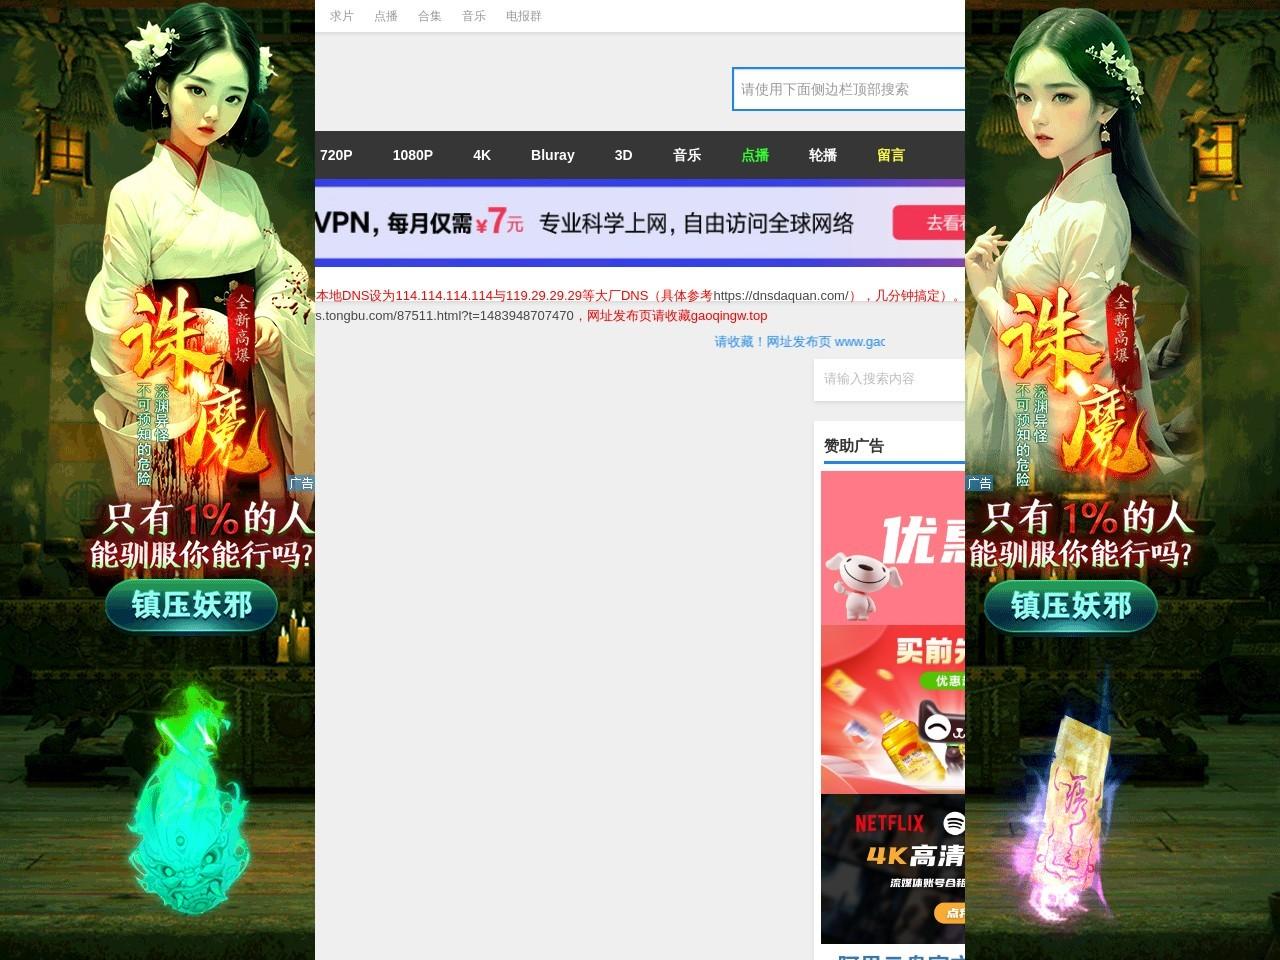 中国高清电影网